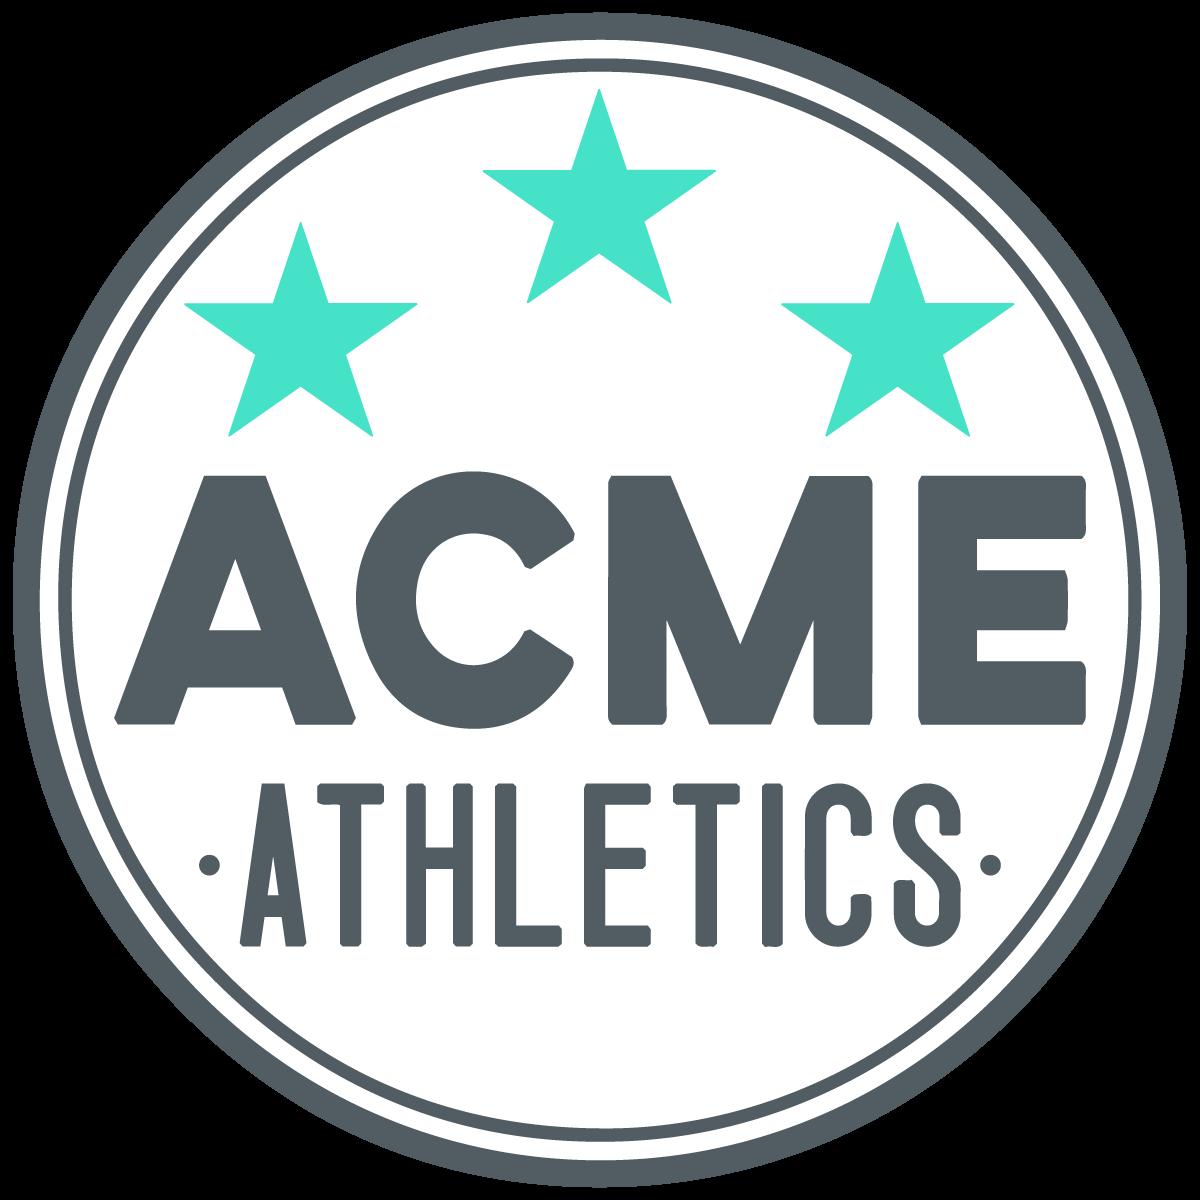 ACME Athletics